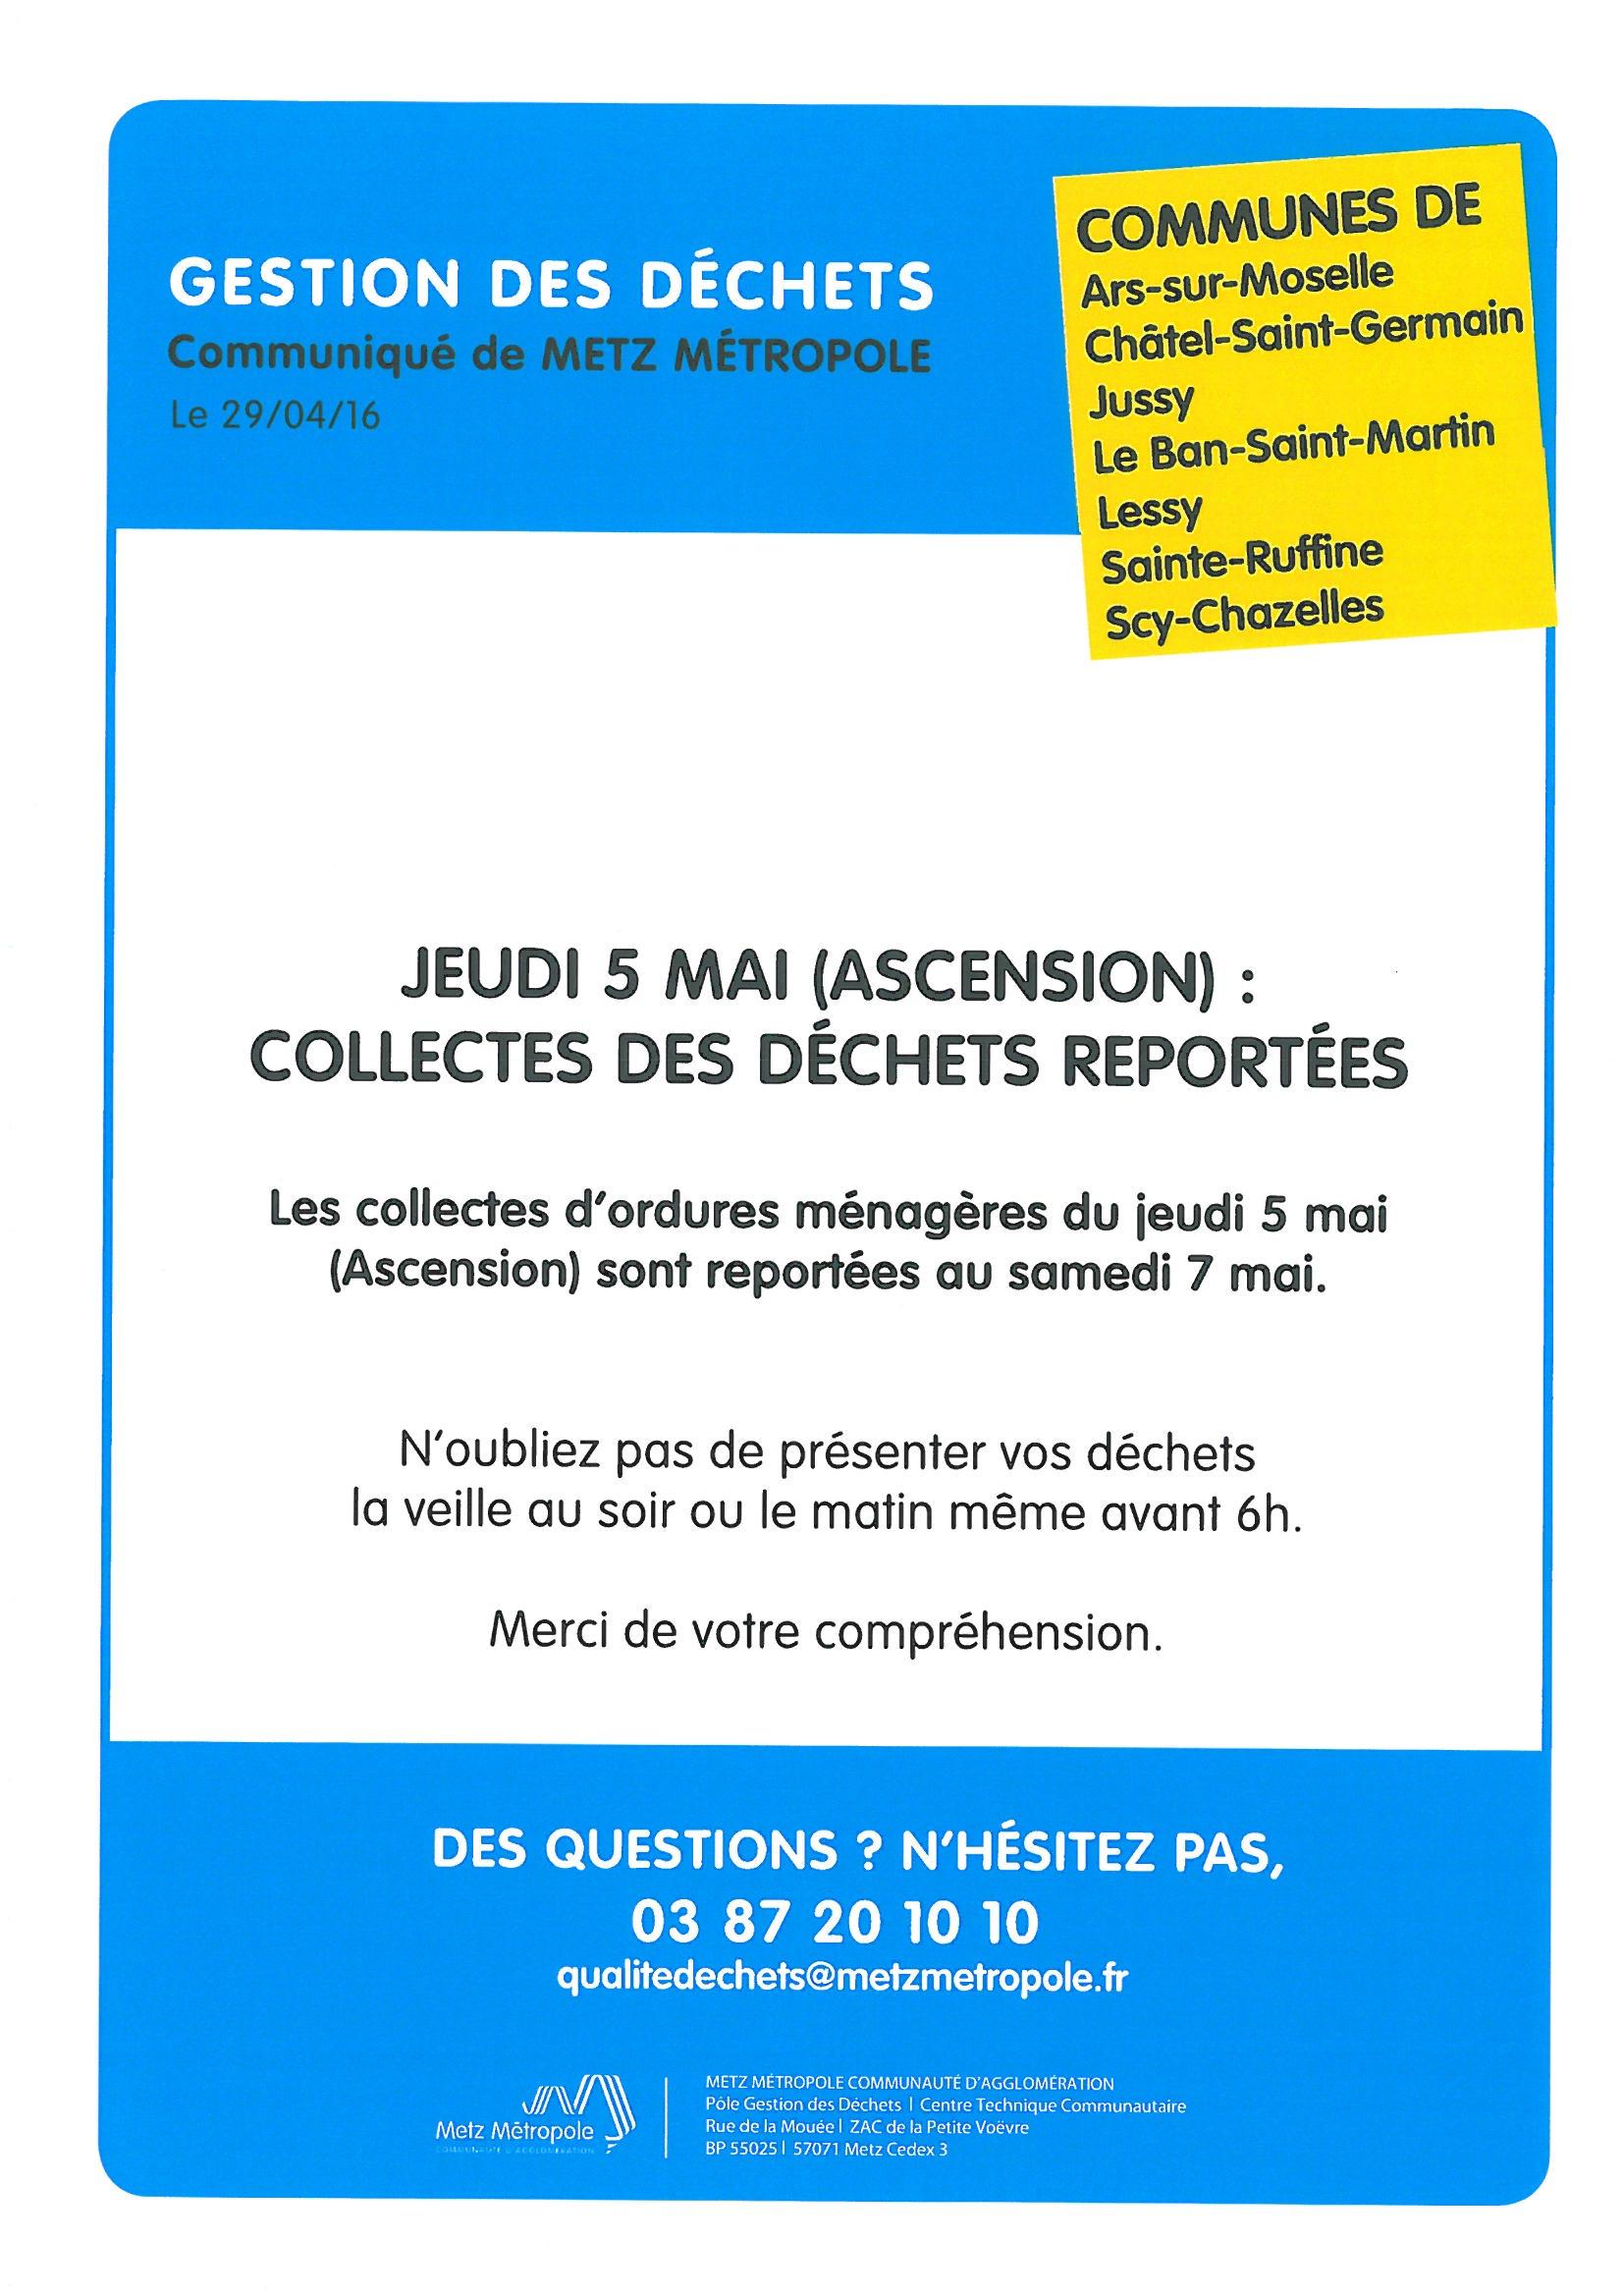 JEUDI ASCENSION - COLLECTE DES ORDURES MENAGERES reportée au samedi 7 mai